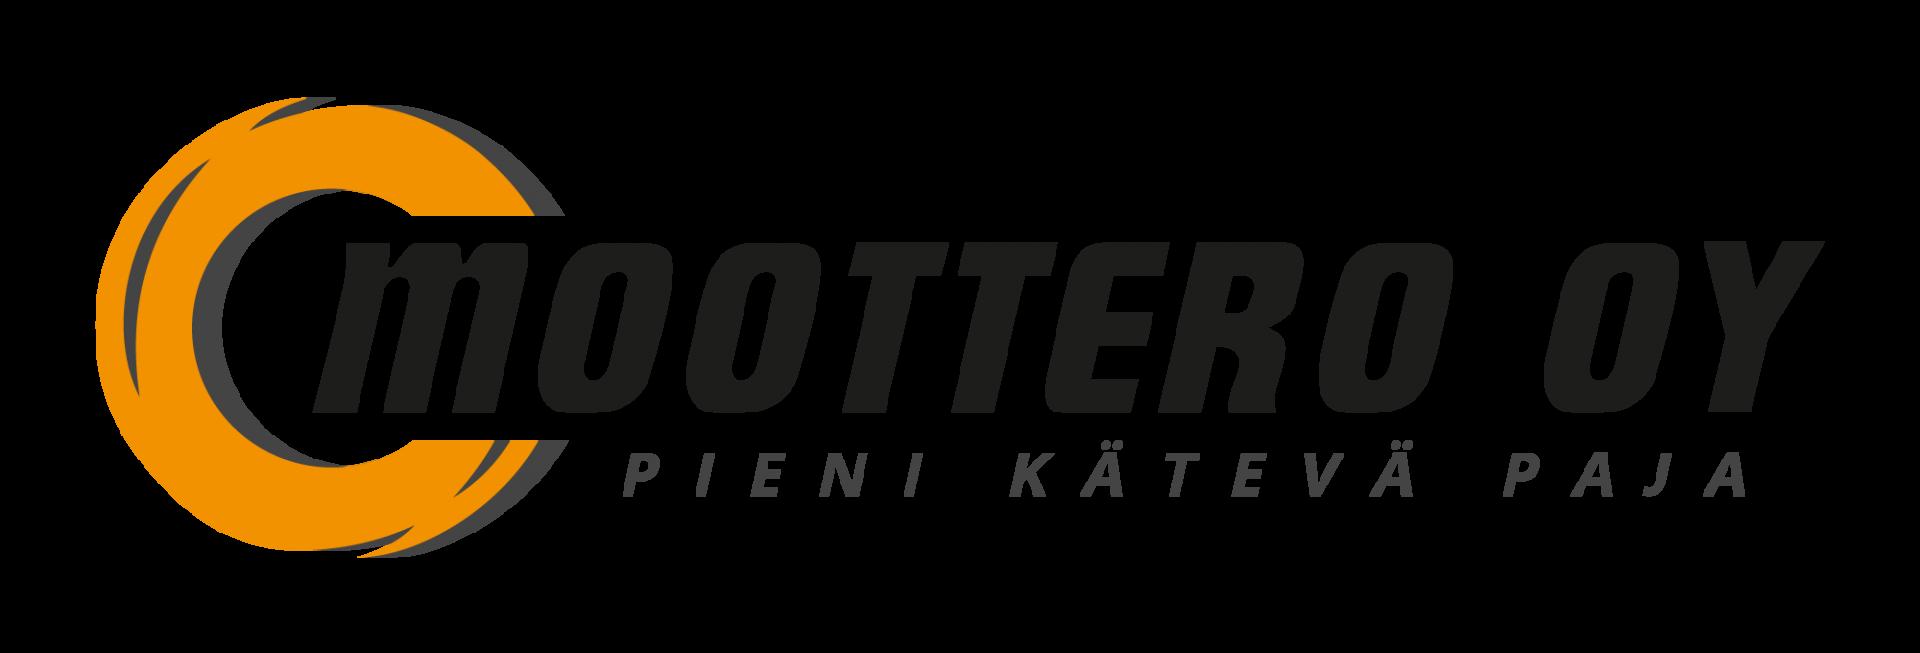 Moottero Oy